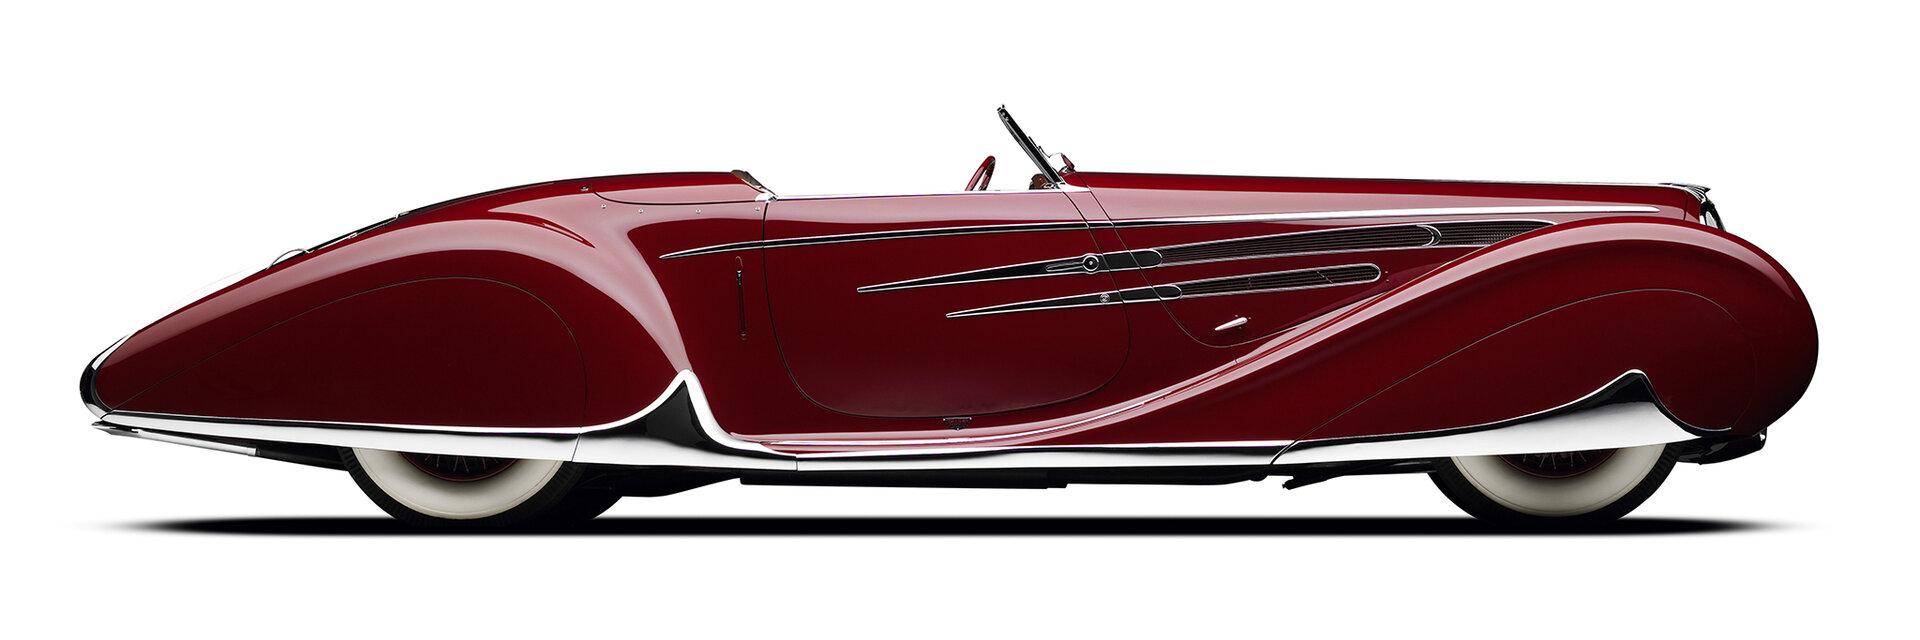 Delahaye Type 165 Cabriolet par Figoni et Falaschi 4